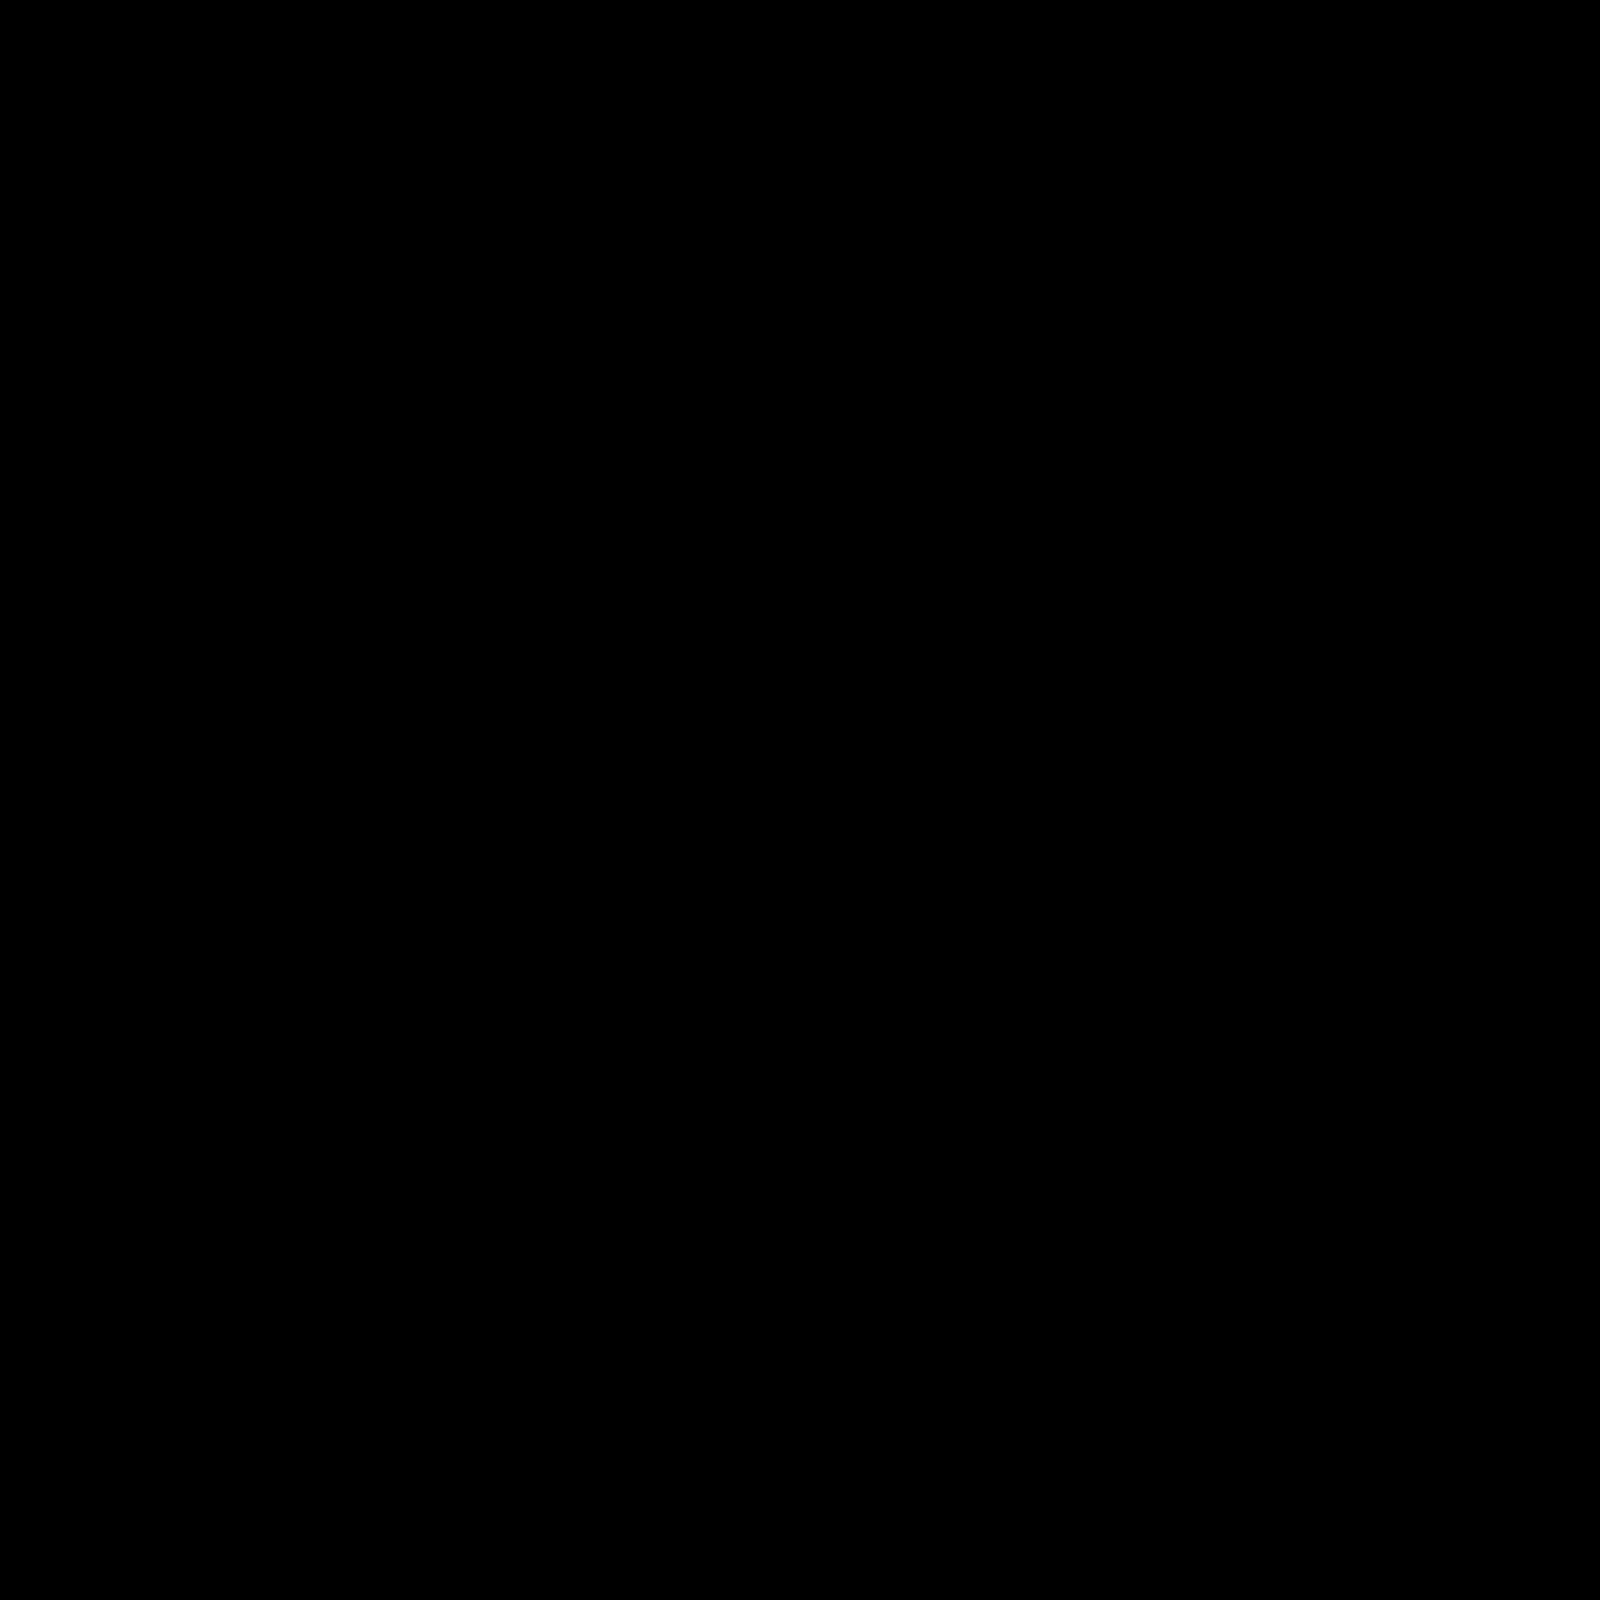 餐厅会员卡 icon. This looks like a spoon and a knife inside of a box. They are crossed, the spoon going from the bottom-left to the top-right, and the knife going from the top-left to the bottom-right.